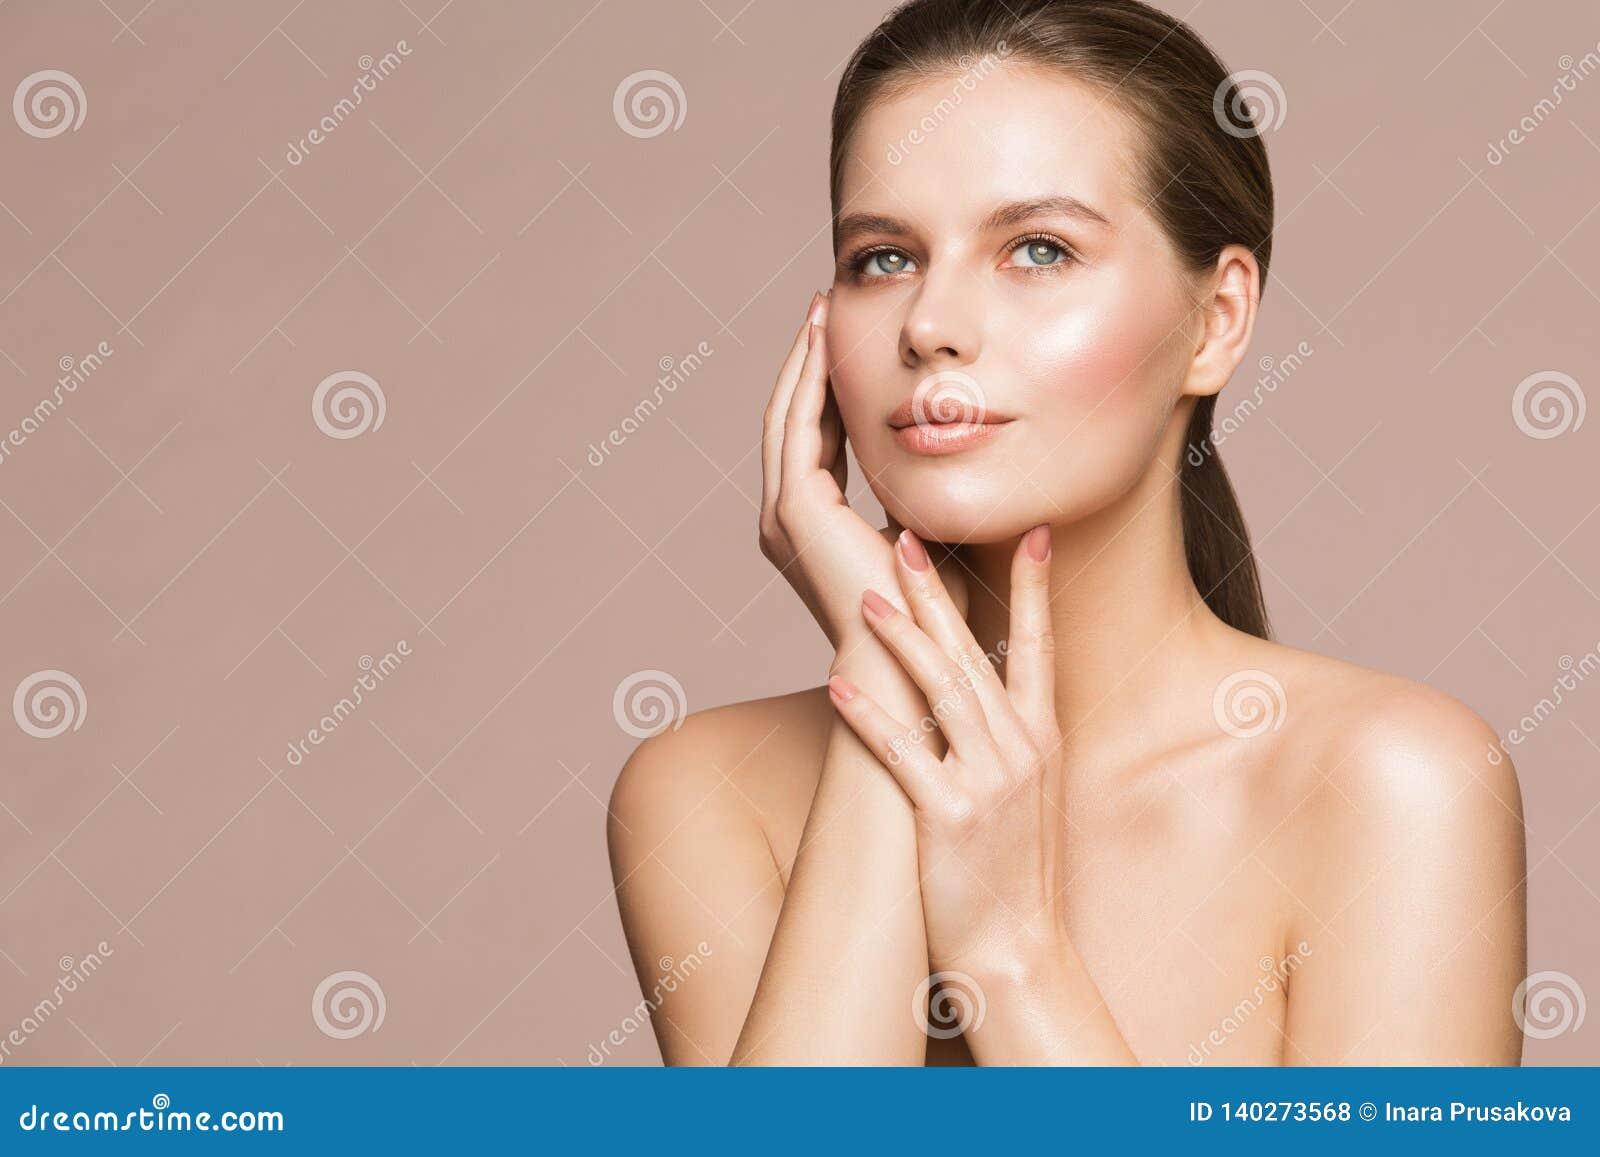 Frauen-Schönheits-Porträt, vorbildliches Touching Face, schöne Mädchen-Hautpflege und Behandlung